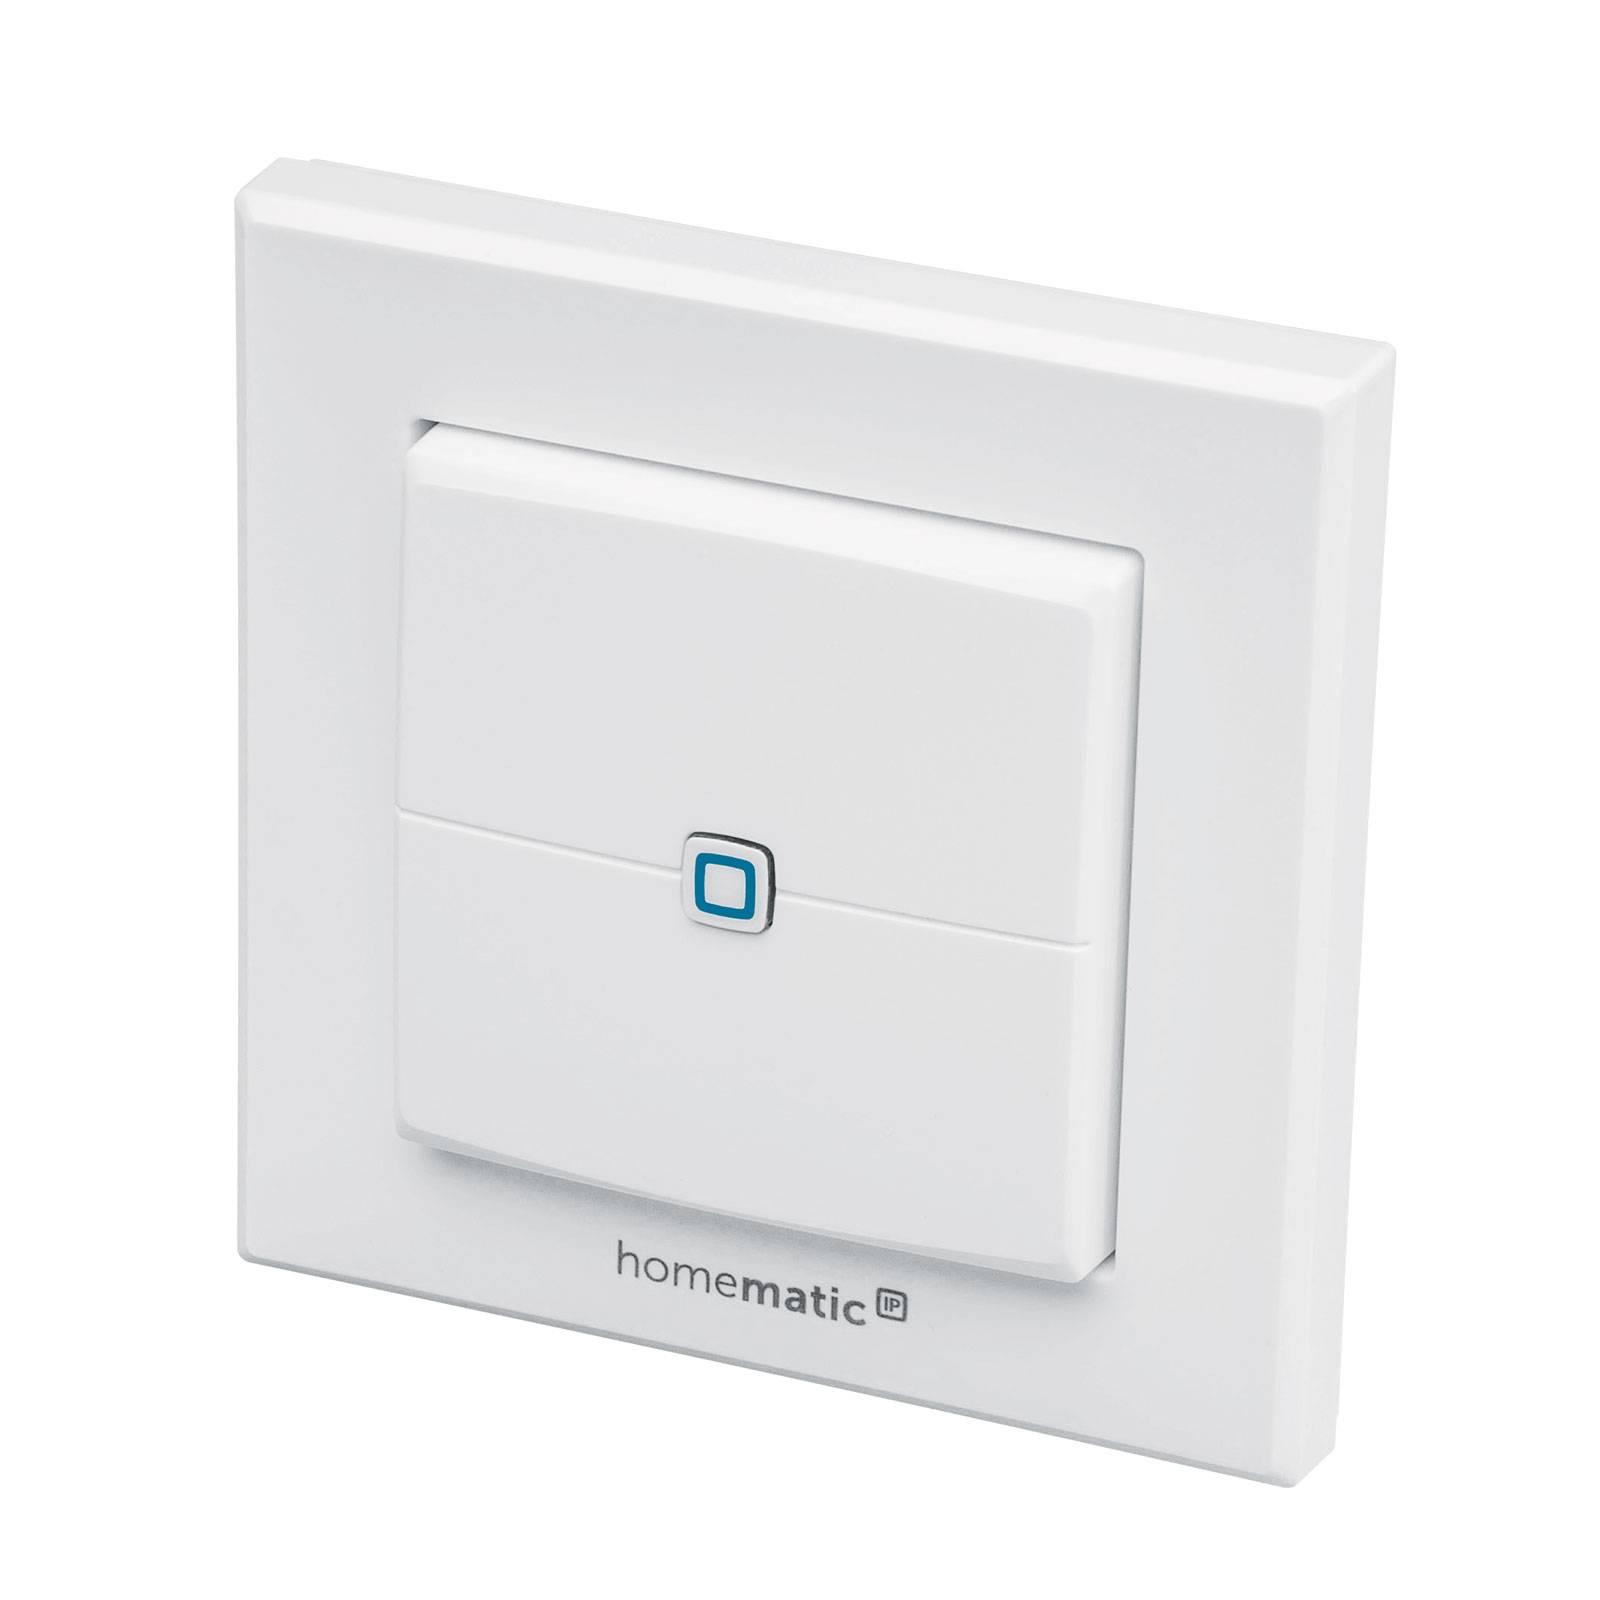 Homematic IP interruttore a parete doppio